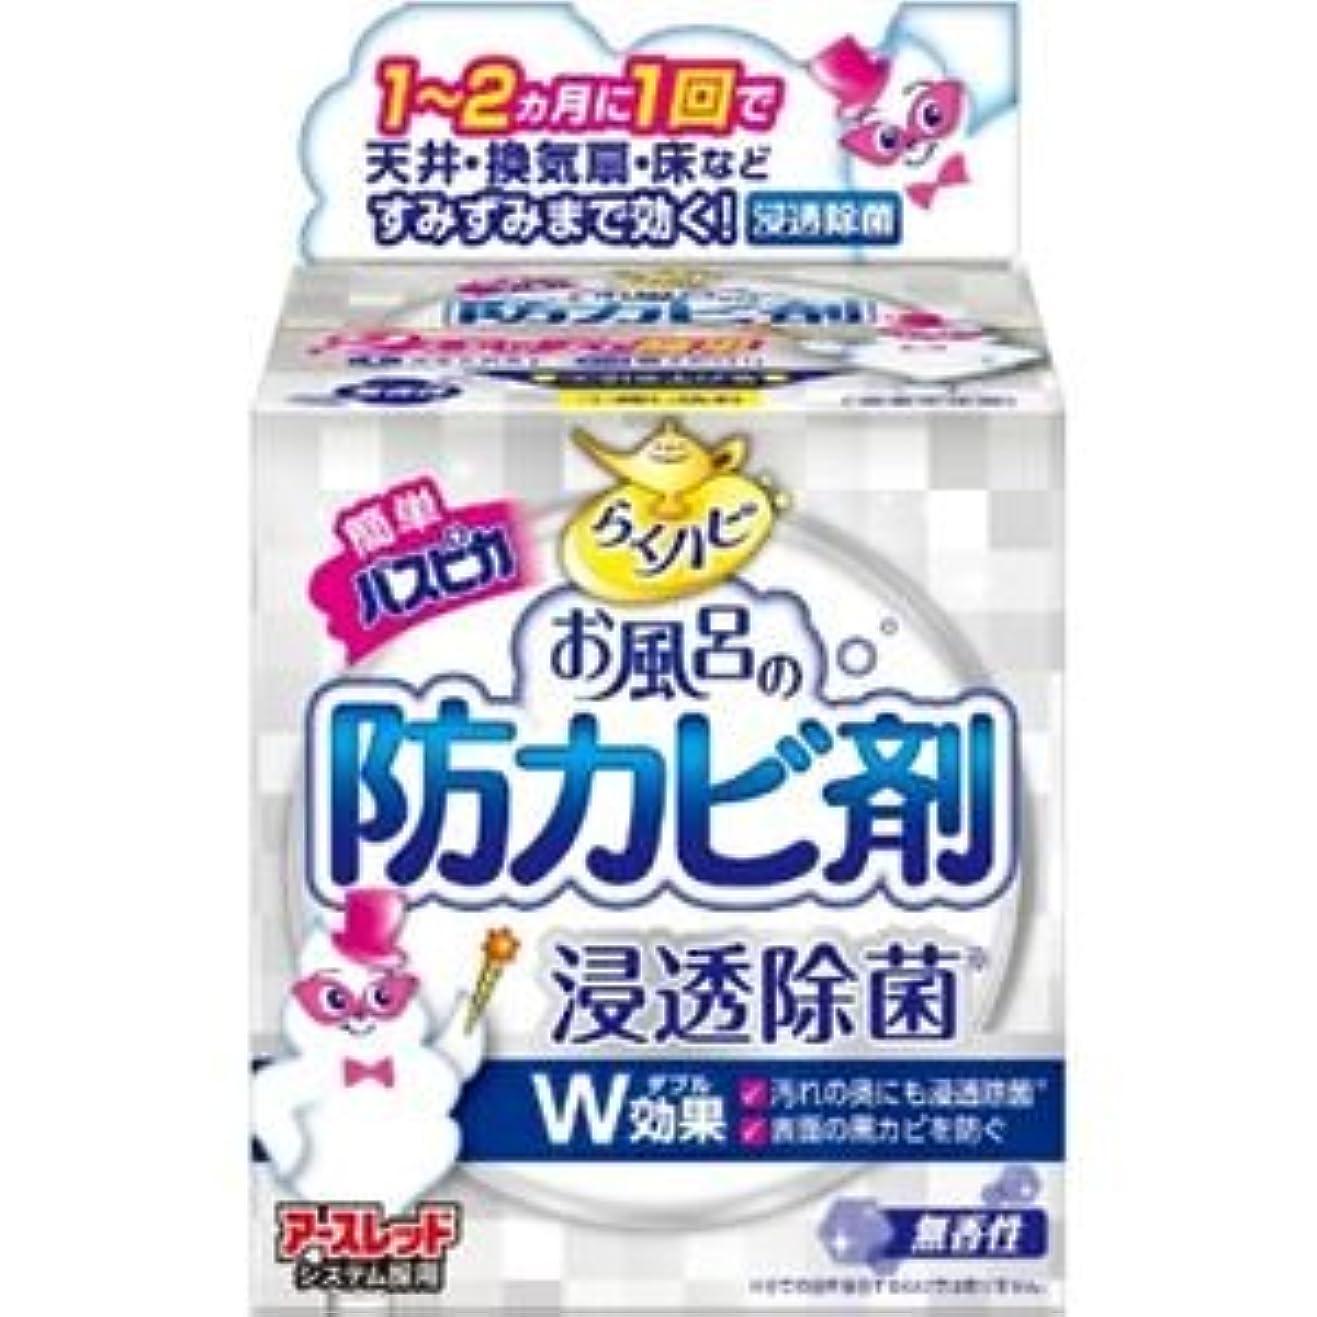 濃度マスタードこの(まとめ)アース製薬 らくハピお風呂の防カビ剤無香性 【×3点セット】